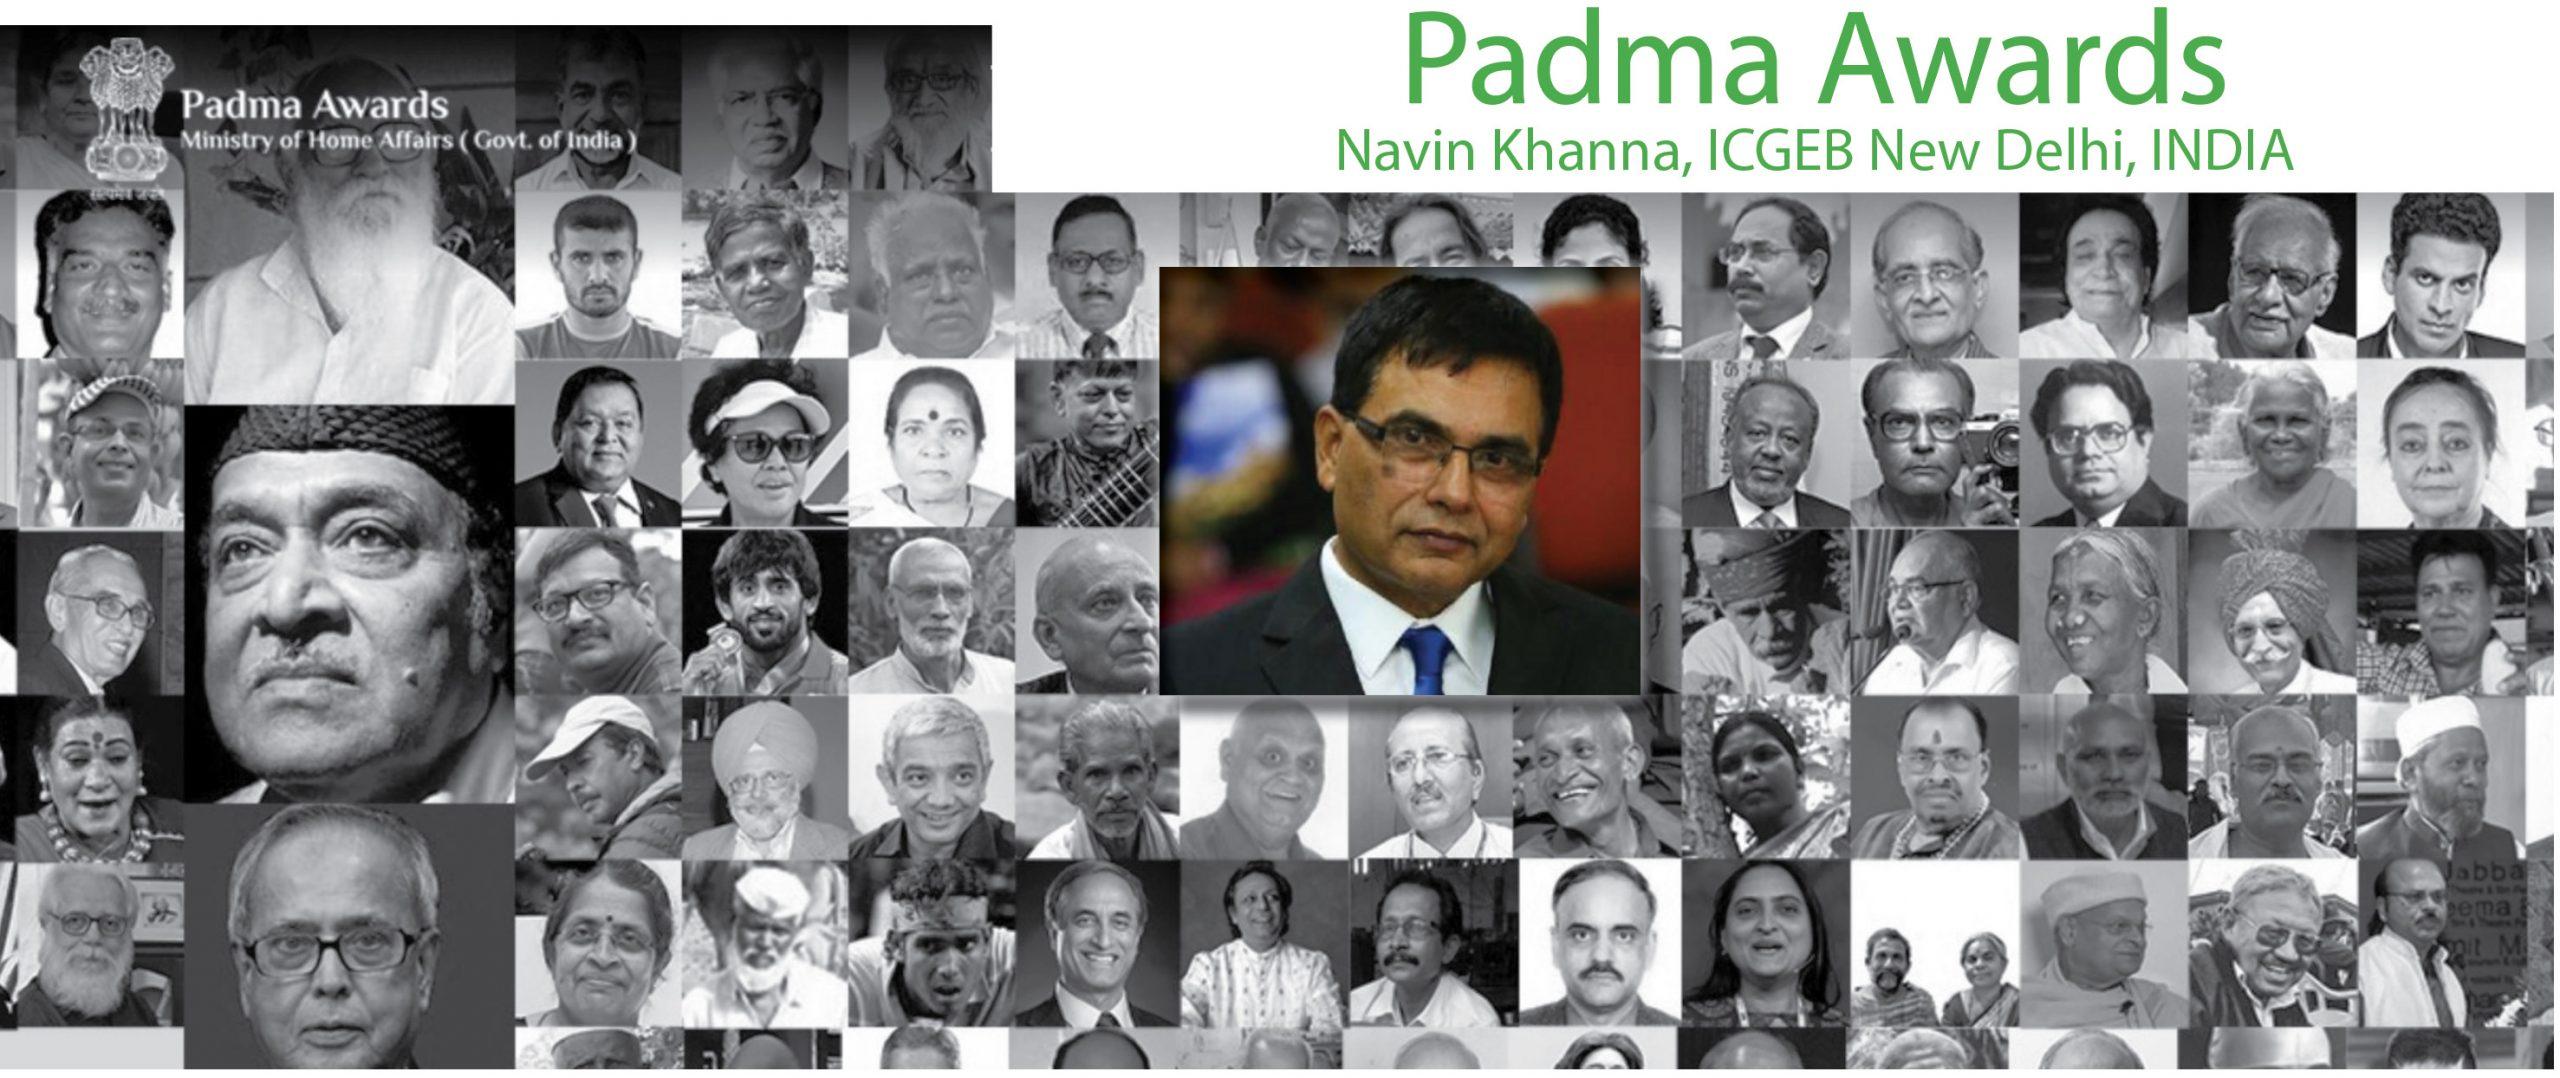 Padma Shri Award to Navin Khanna, ICGEB New Delhi